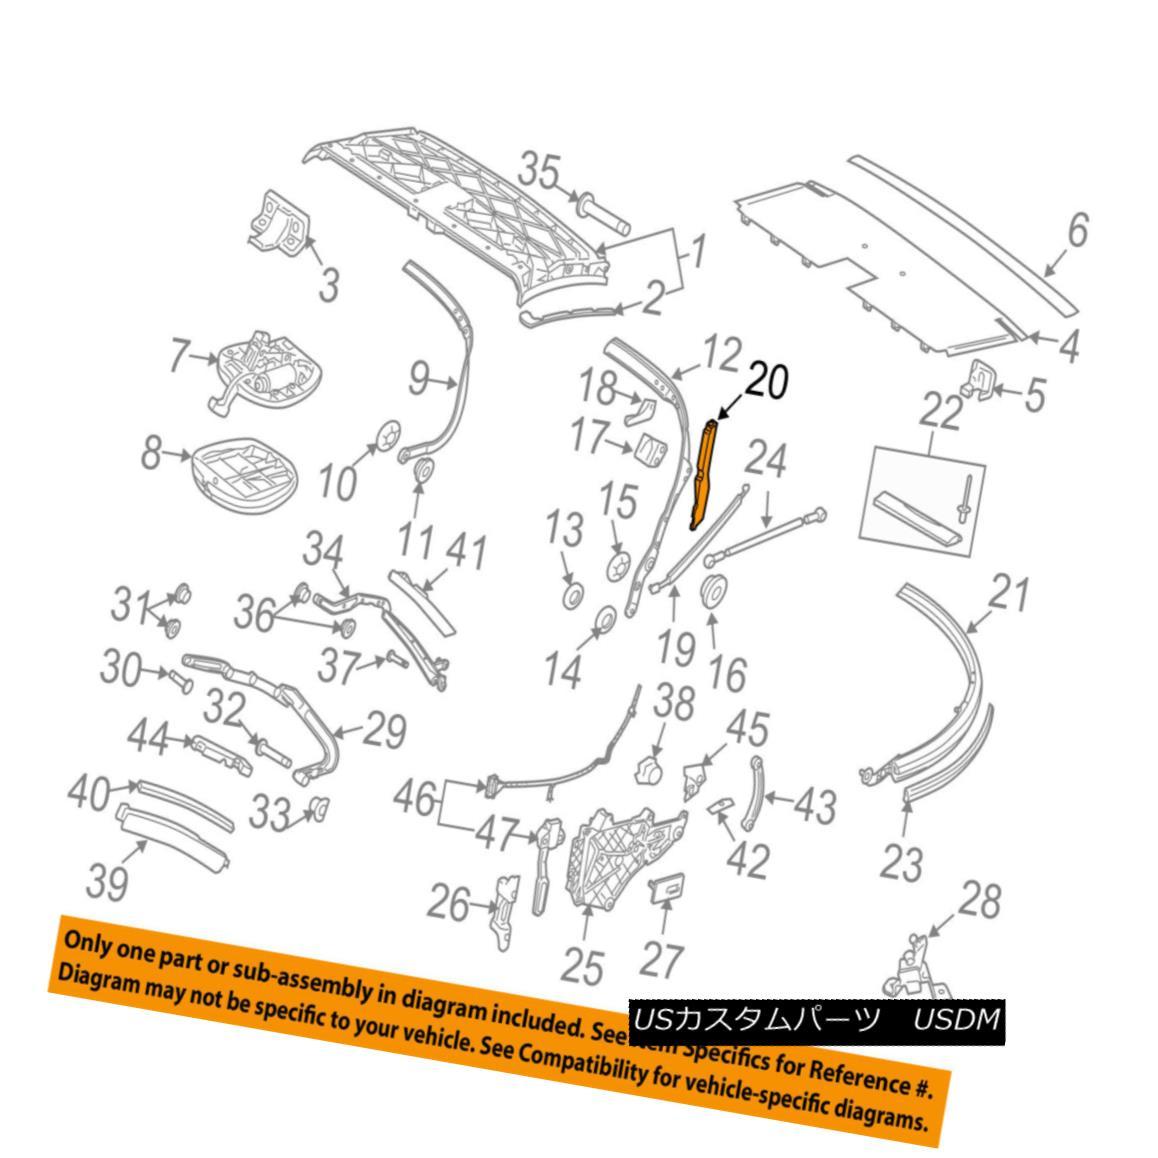 幌・ソフトトップ PORSCHE OEM 06-13 911 Convertible/soft Top-Insulator Right 99656126000 PORSCHE OEM 06-13 911コンバーチブル/ so ftトップインシュレータ右99656126000